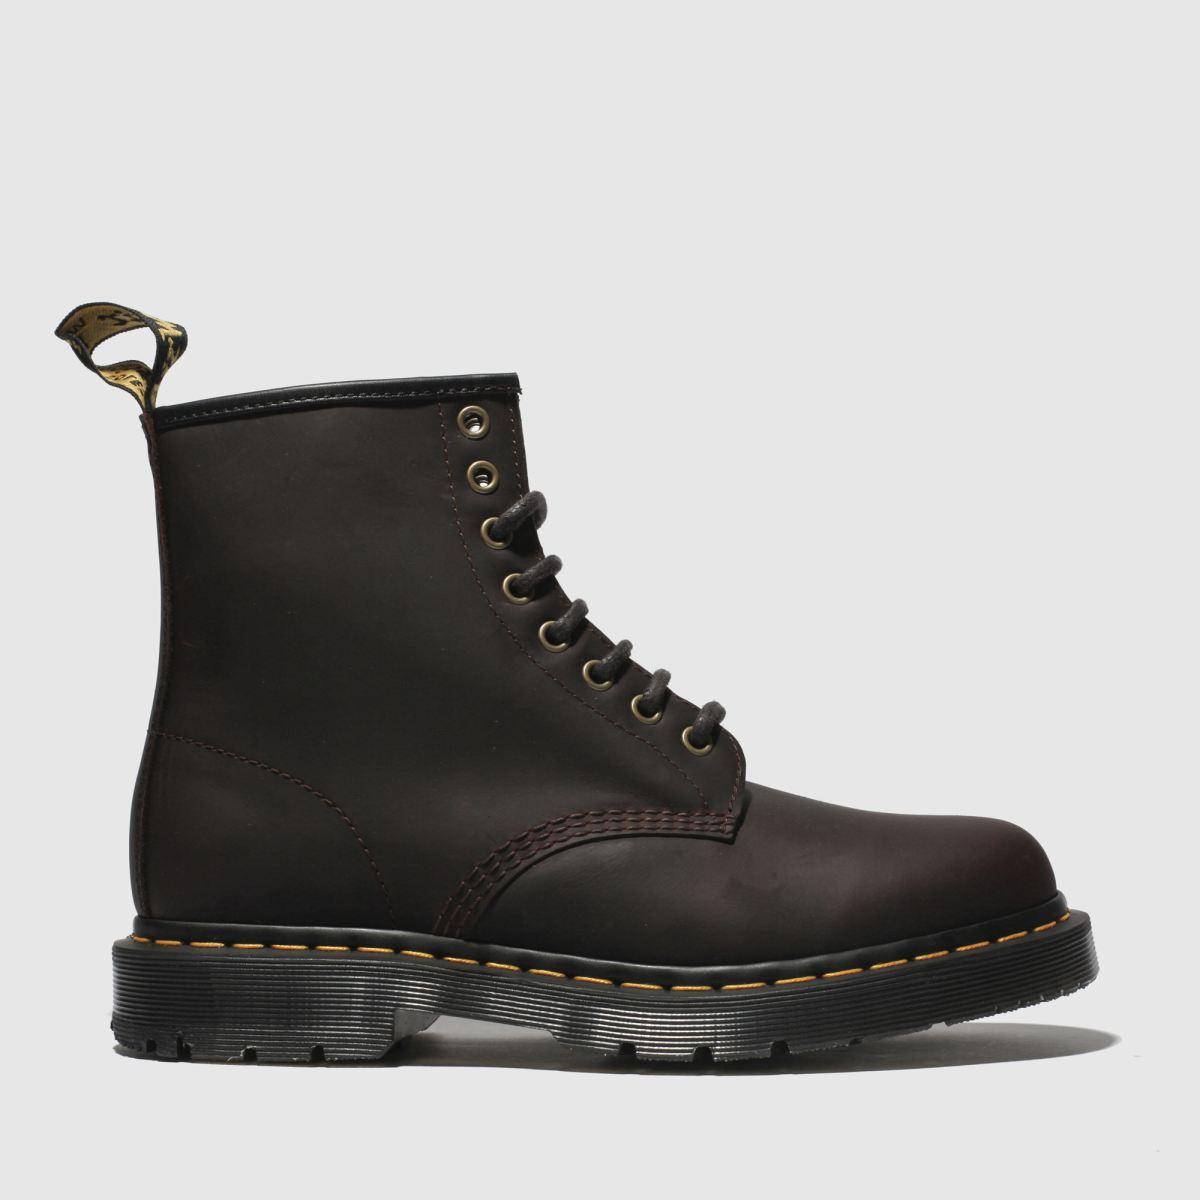 Dr Martens Dark Brown 1460 8 Eye Wintergrip Boots